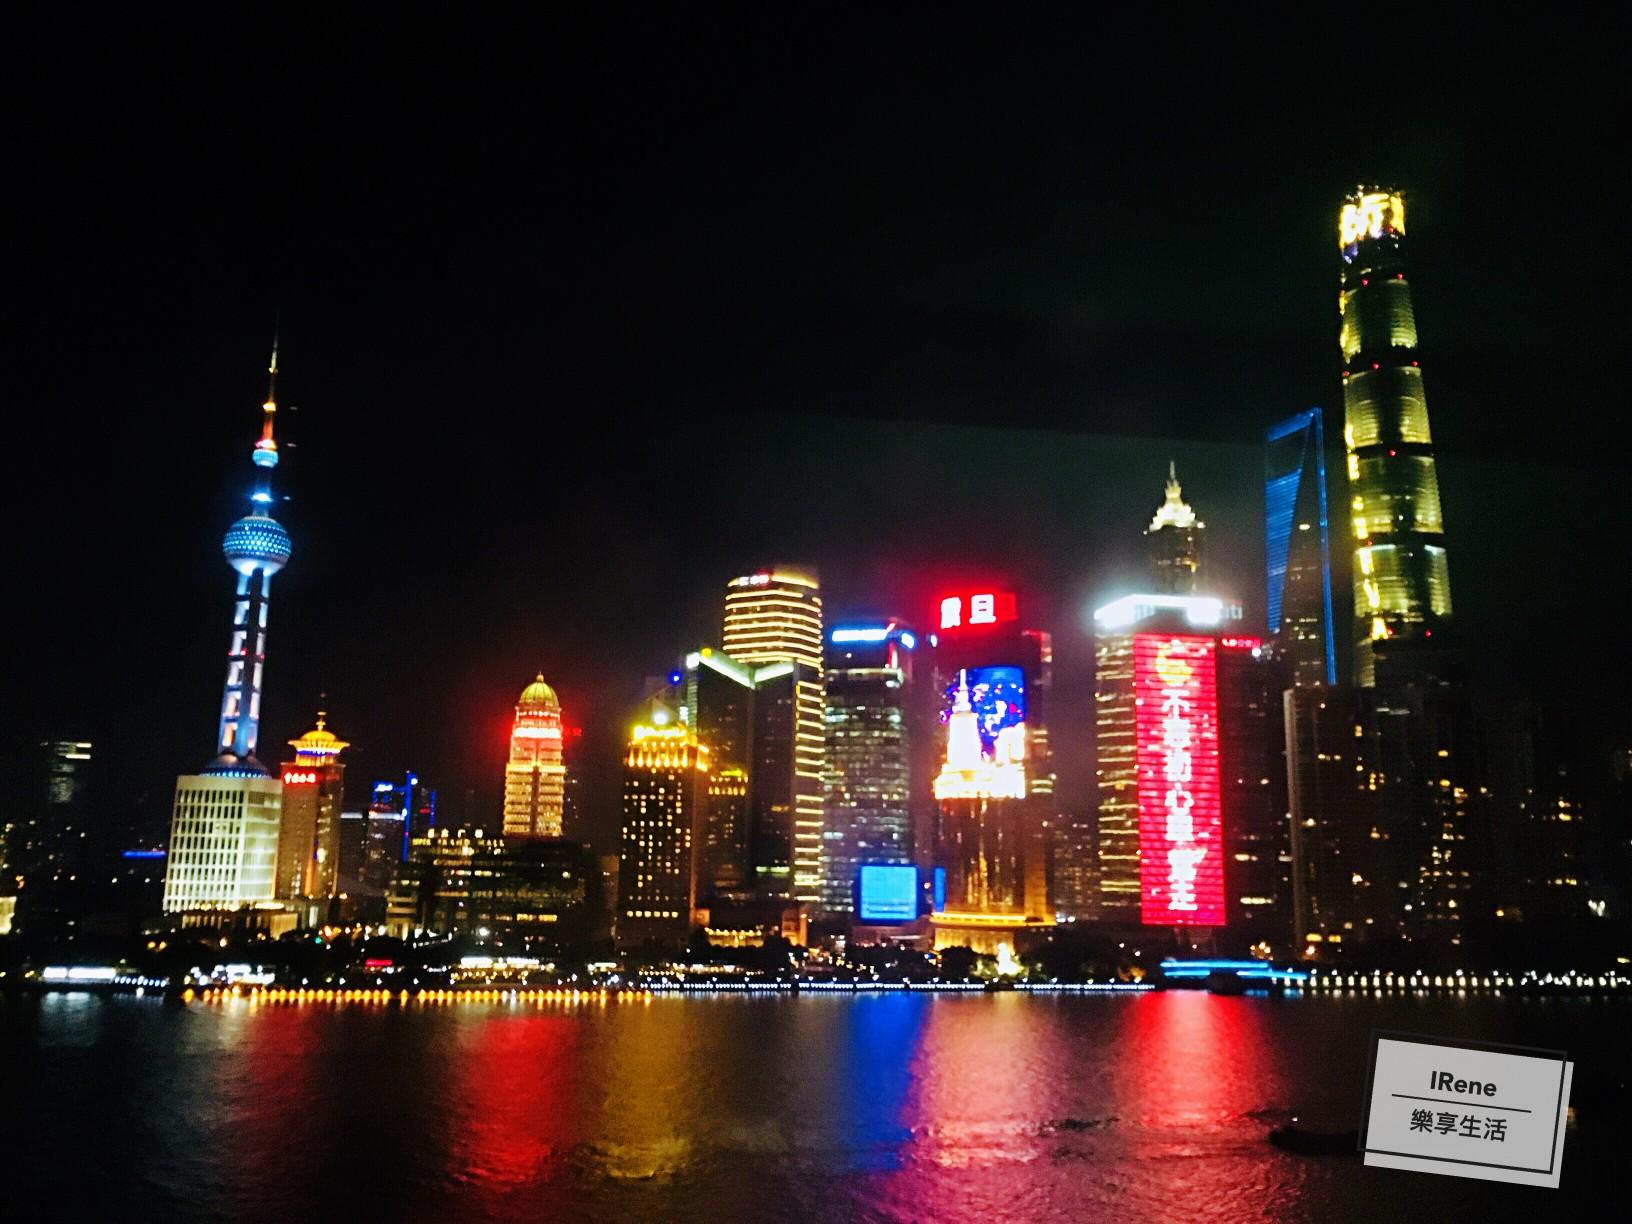 上海住宿推薦-上海外灘東方商旅精品酒店陸家嘴夜景